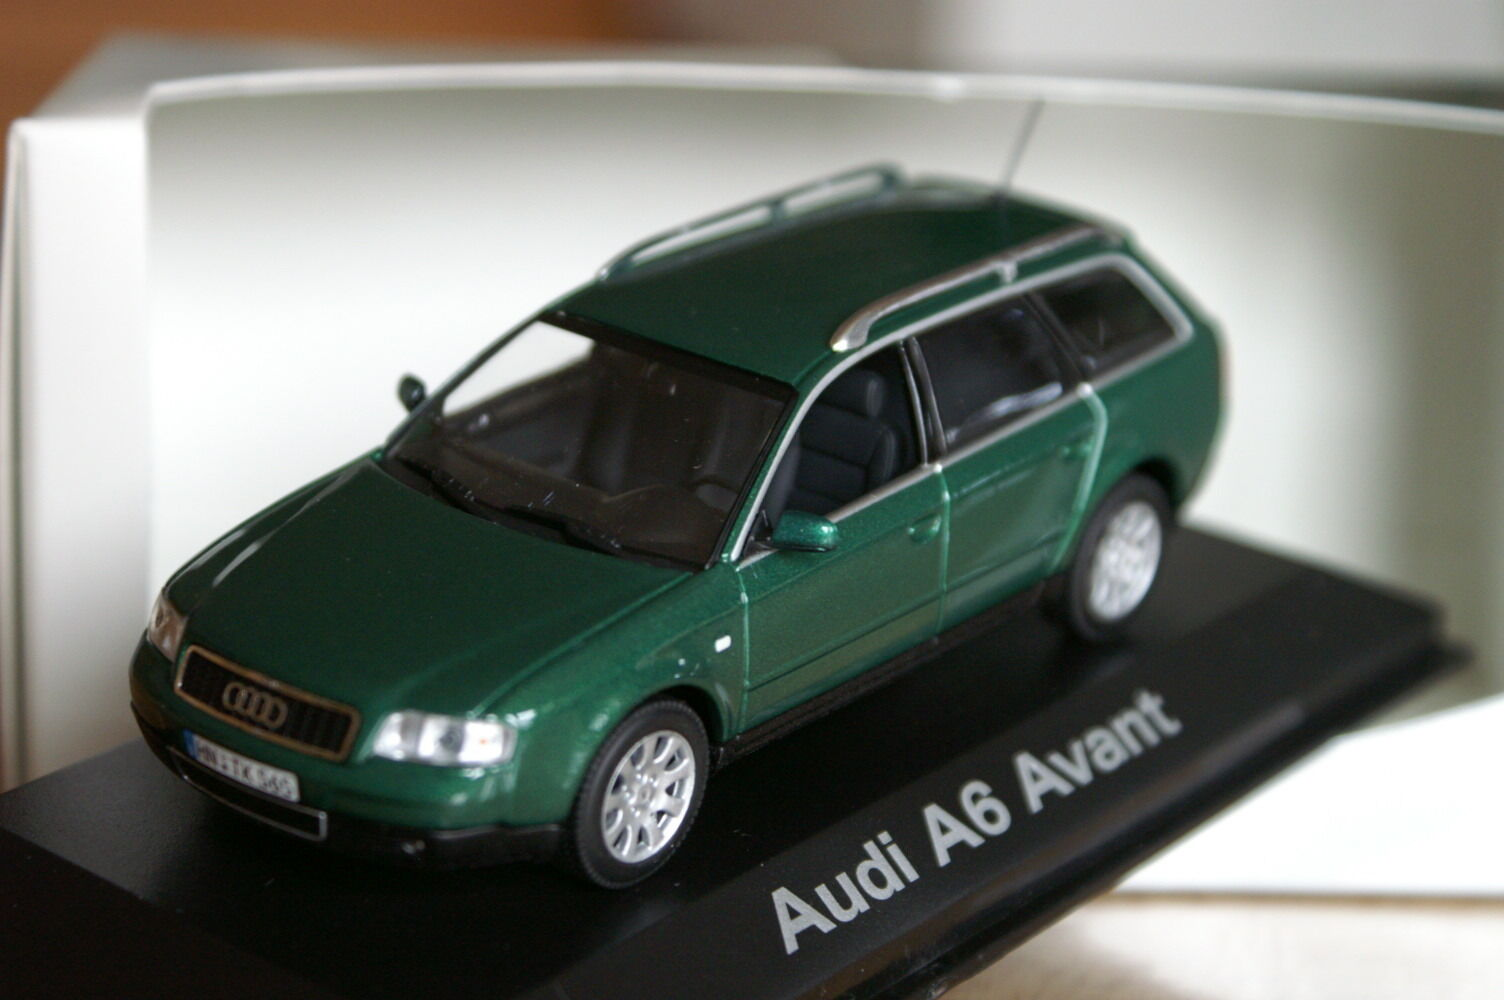 1 43 Audi A6 Avant C5 FACELIFT Green Racing Green Minichamps 2.0.5.3 TDI QUATTRO